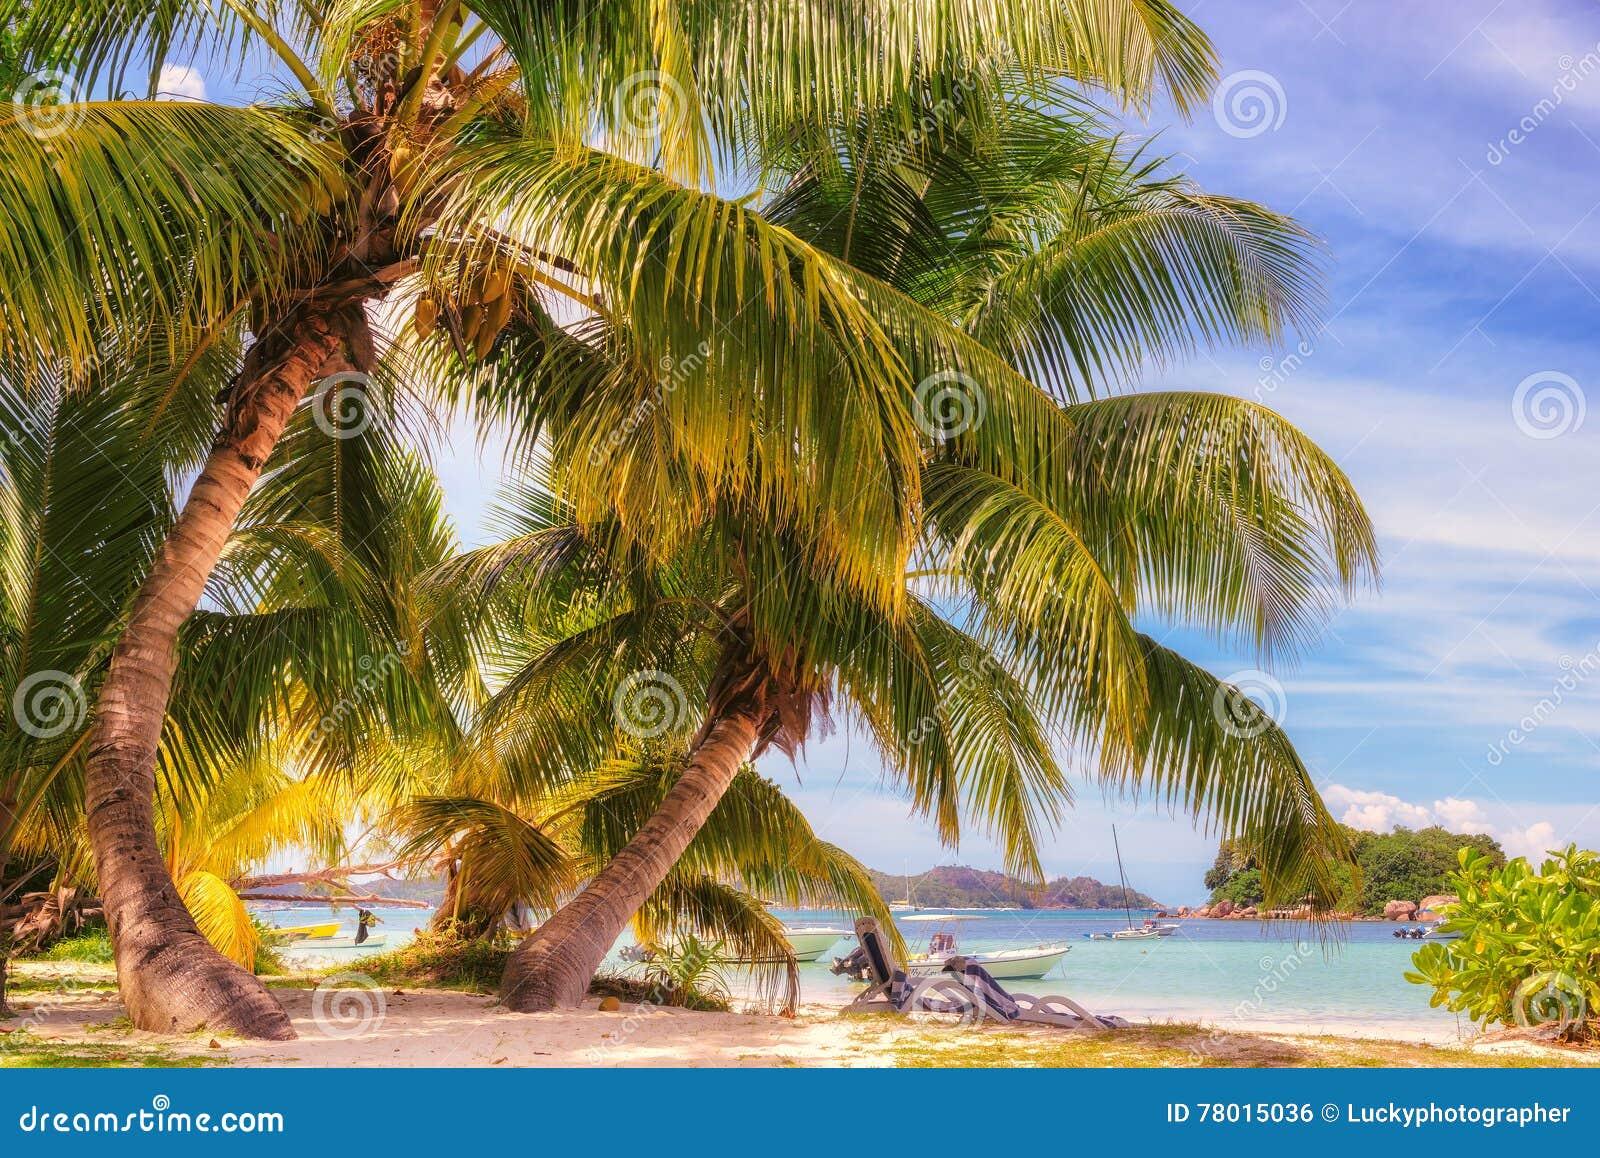 Kokosowy drzewko palmowe na tropikalnej plaży i błękitnym oceanie